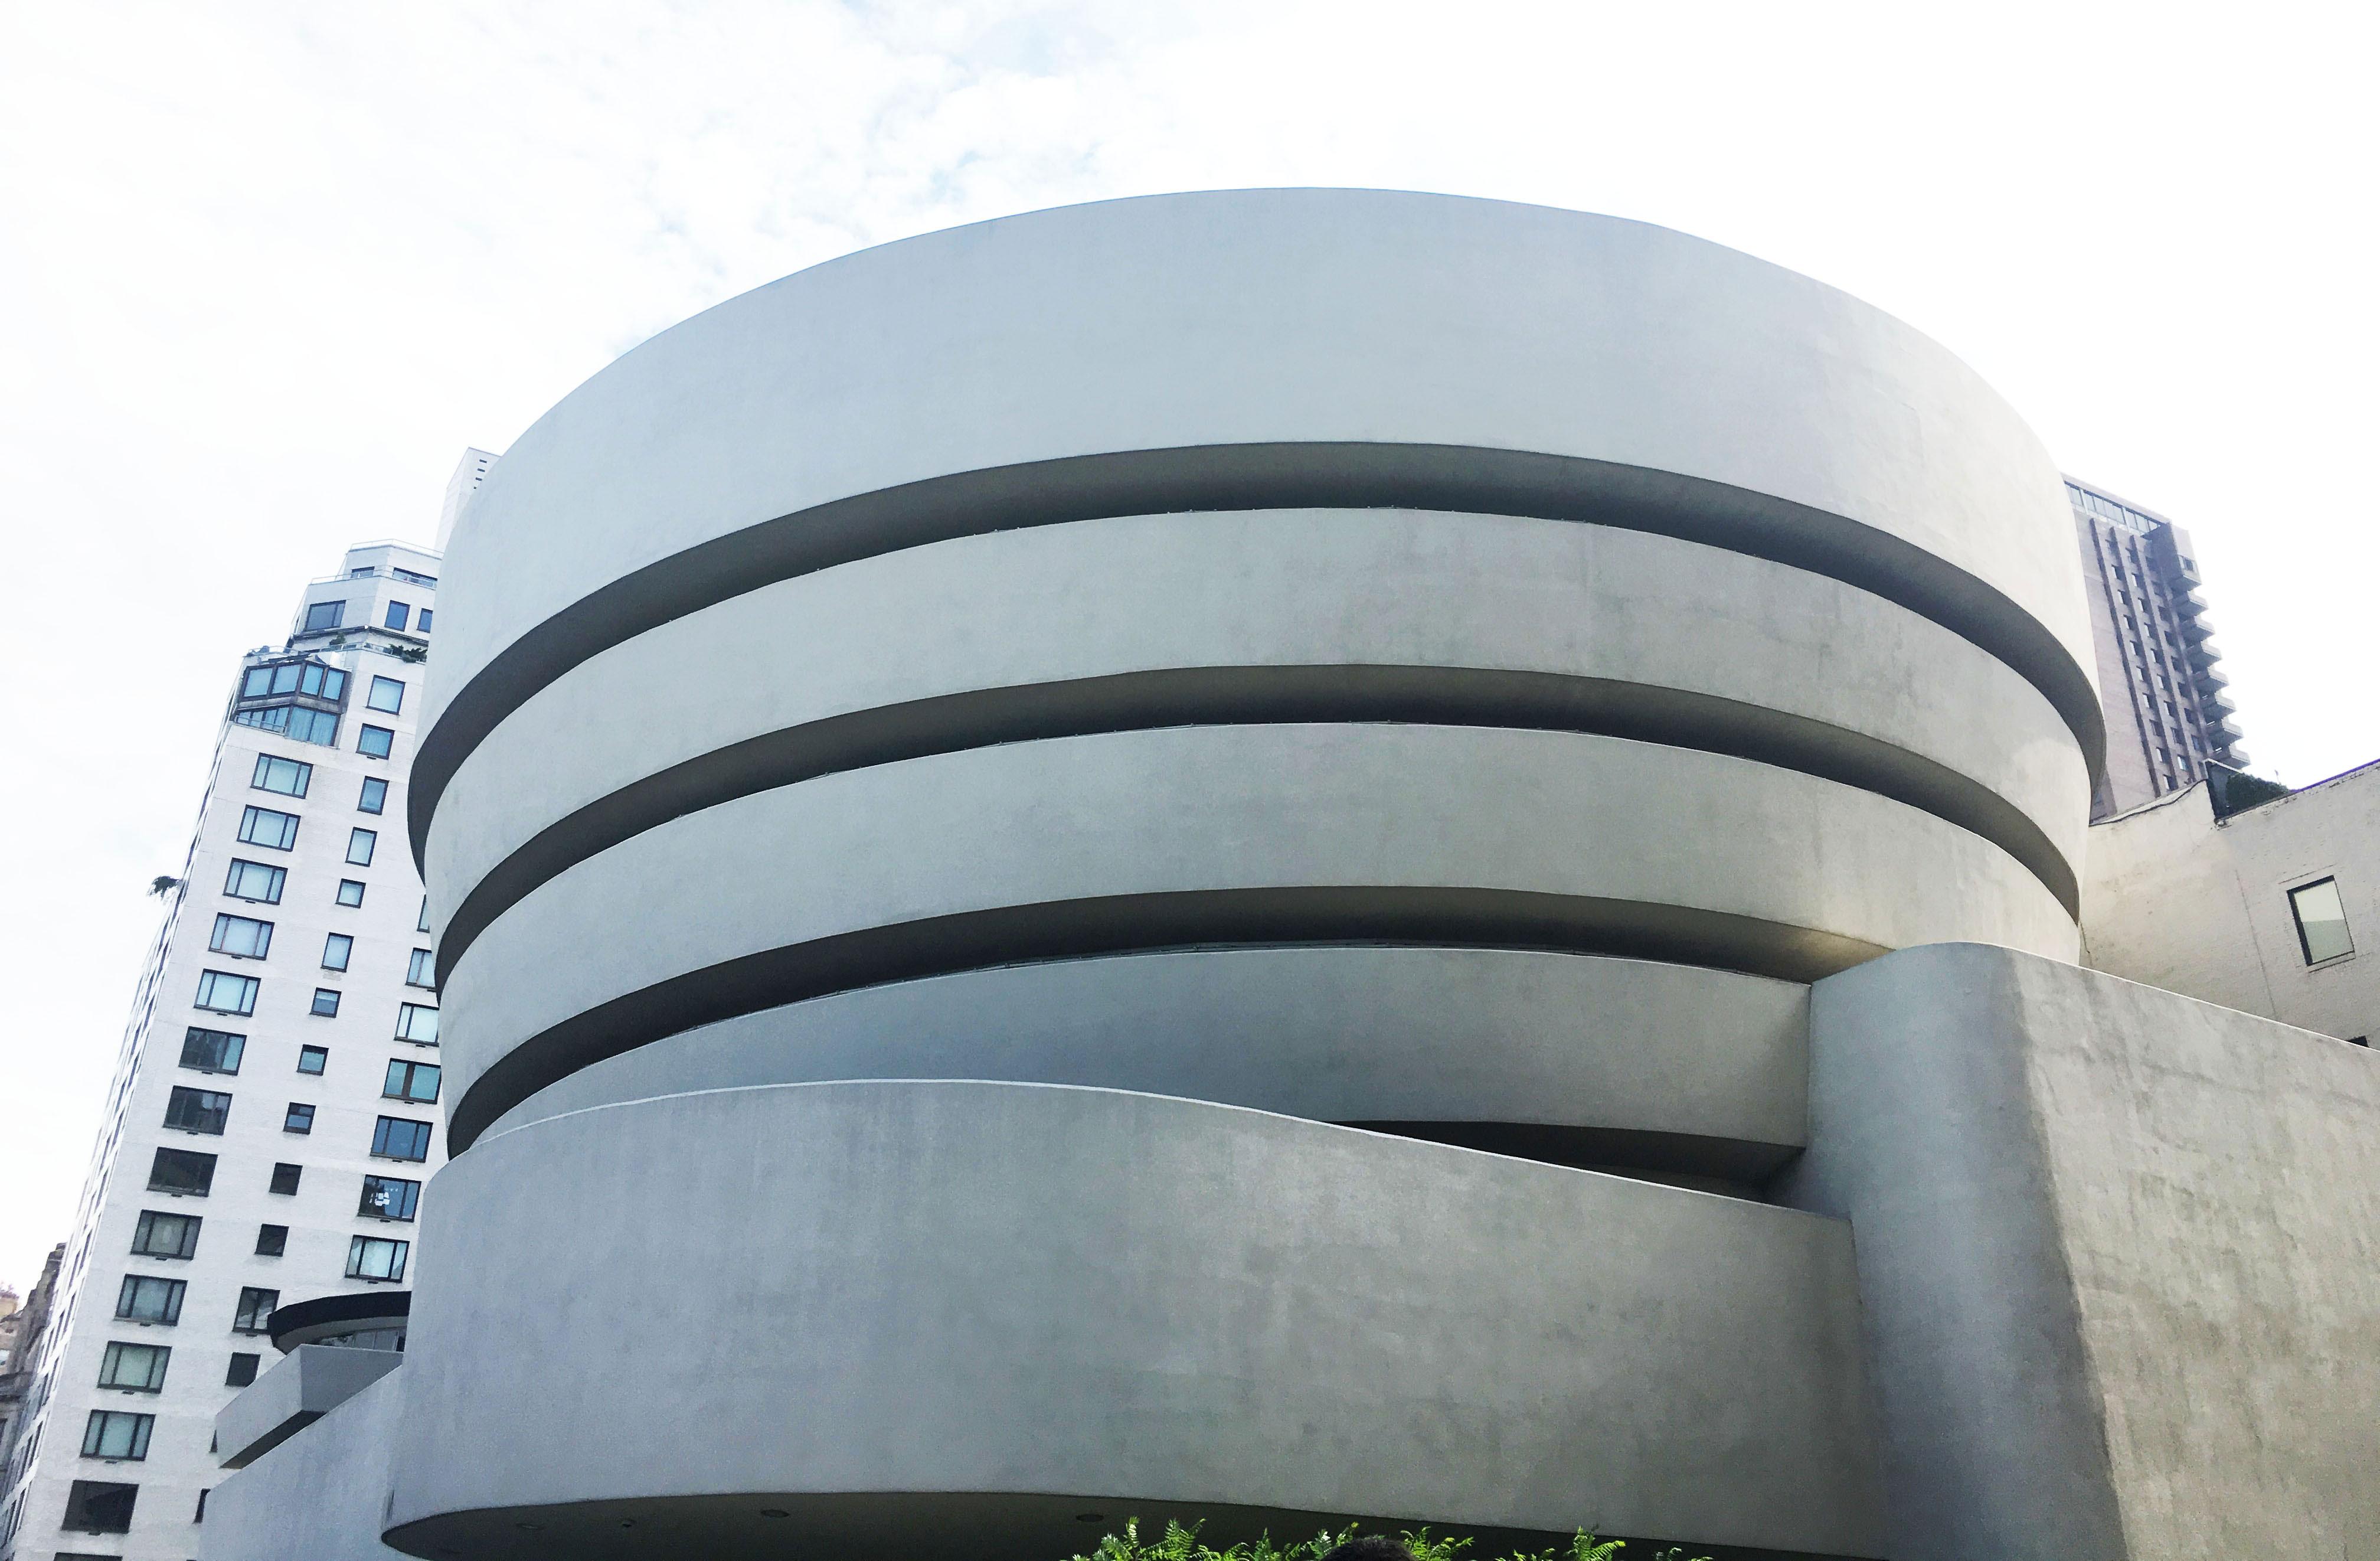 Guggenheim, New York